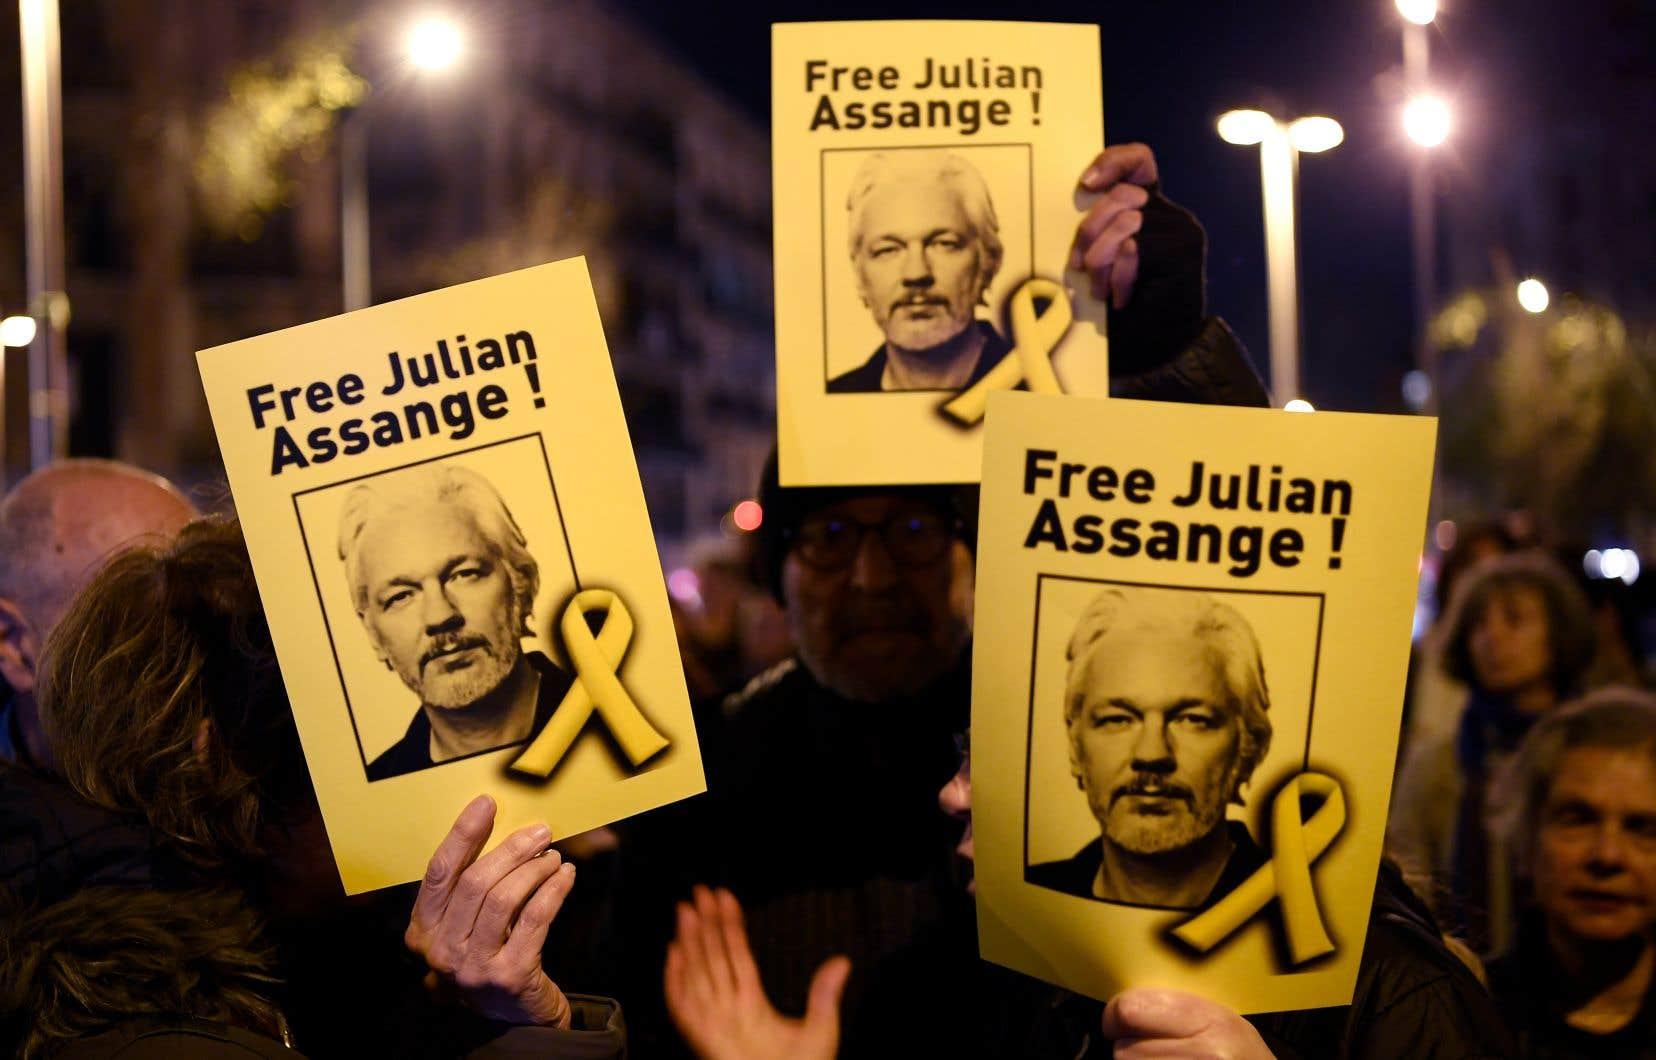 Des manifestants lors d'une manifestation convoquée par l'Assemblée nationale catalane pour soutenir le fondateur de WikiLeaks, Julian Assange, à Barcelone le 24 février 2020.